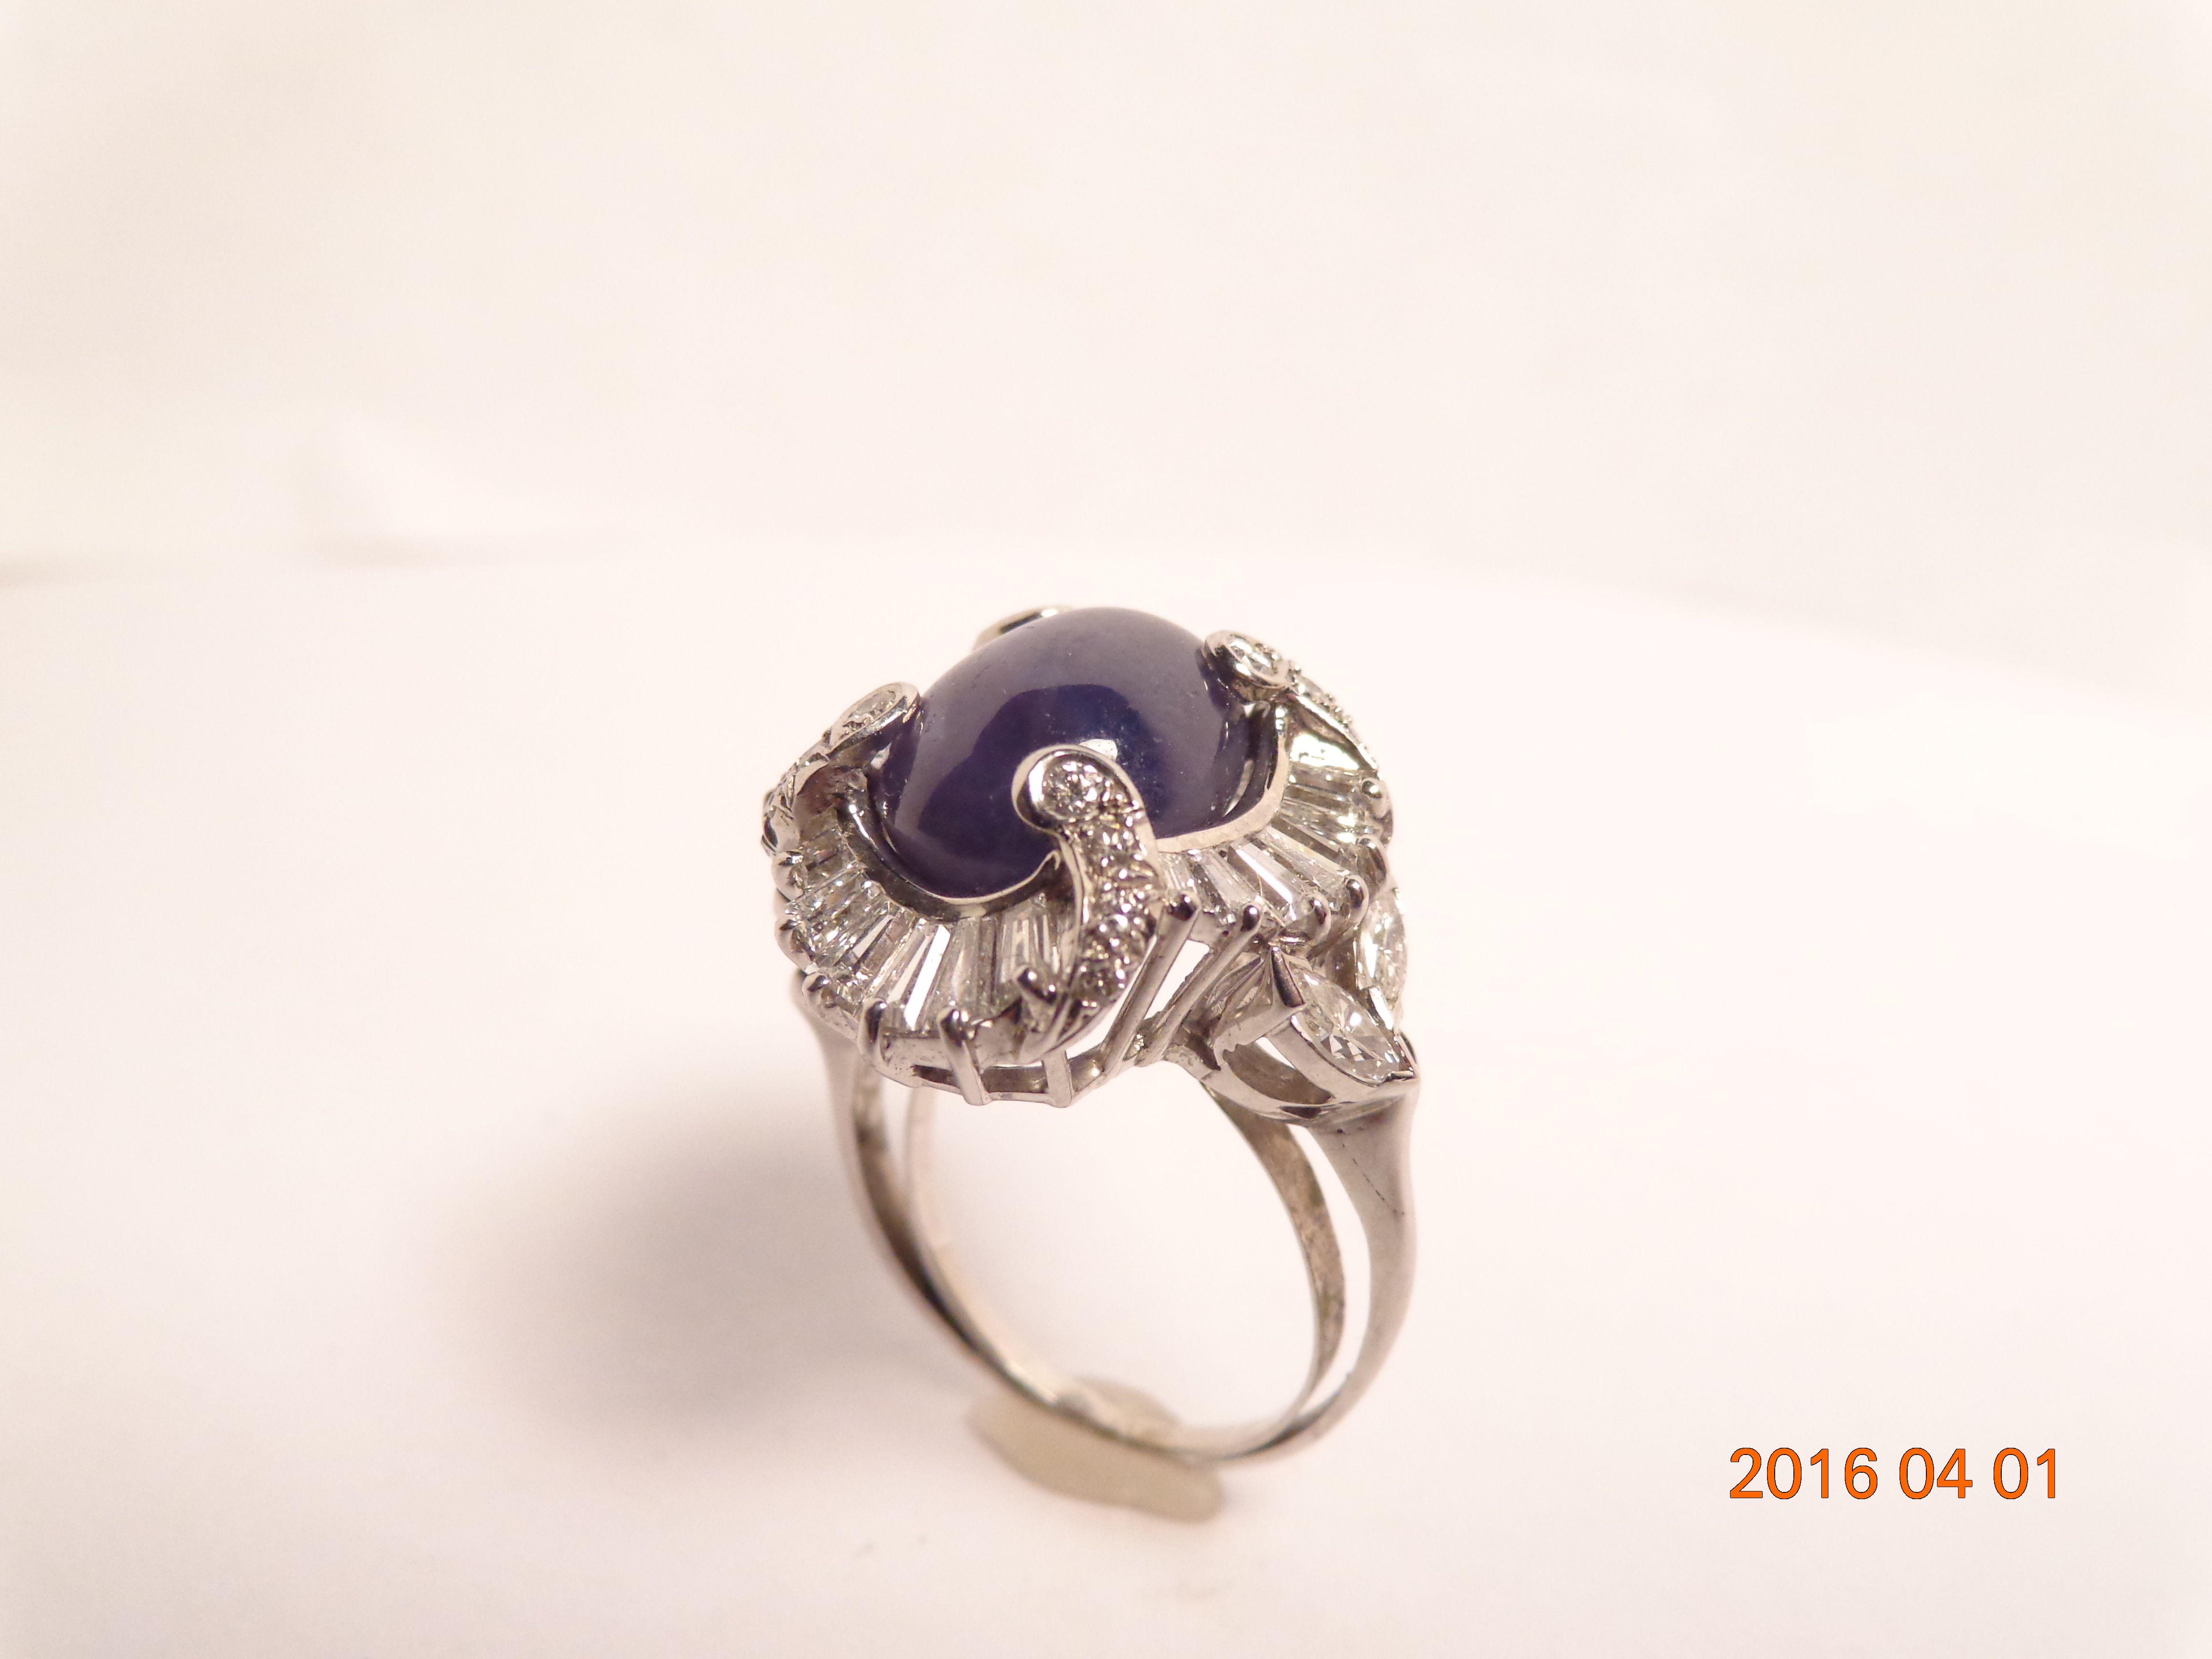 3p-e179, Platinum, circa 1930's, 9 ct star saph, 1.70 ct damond, value: $10,000, call for SPECIAL PRICE, 312-337-3500, hhorwitz.com